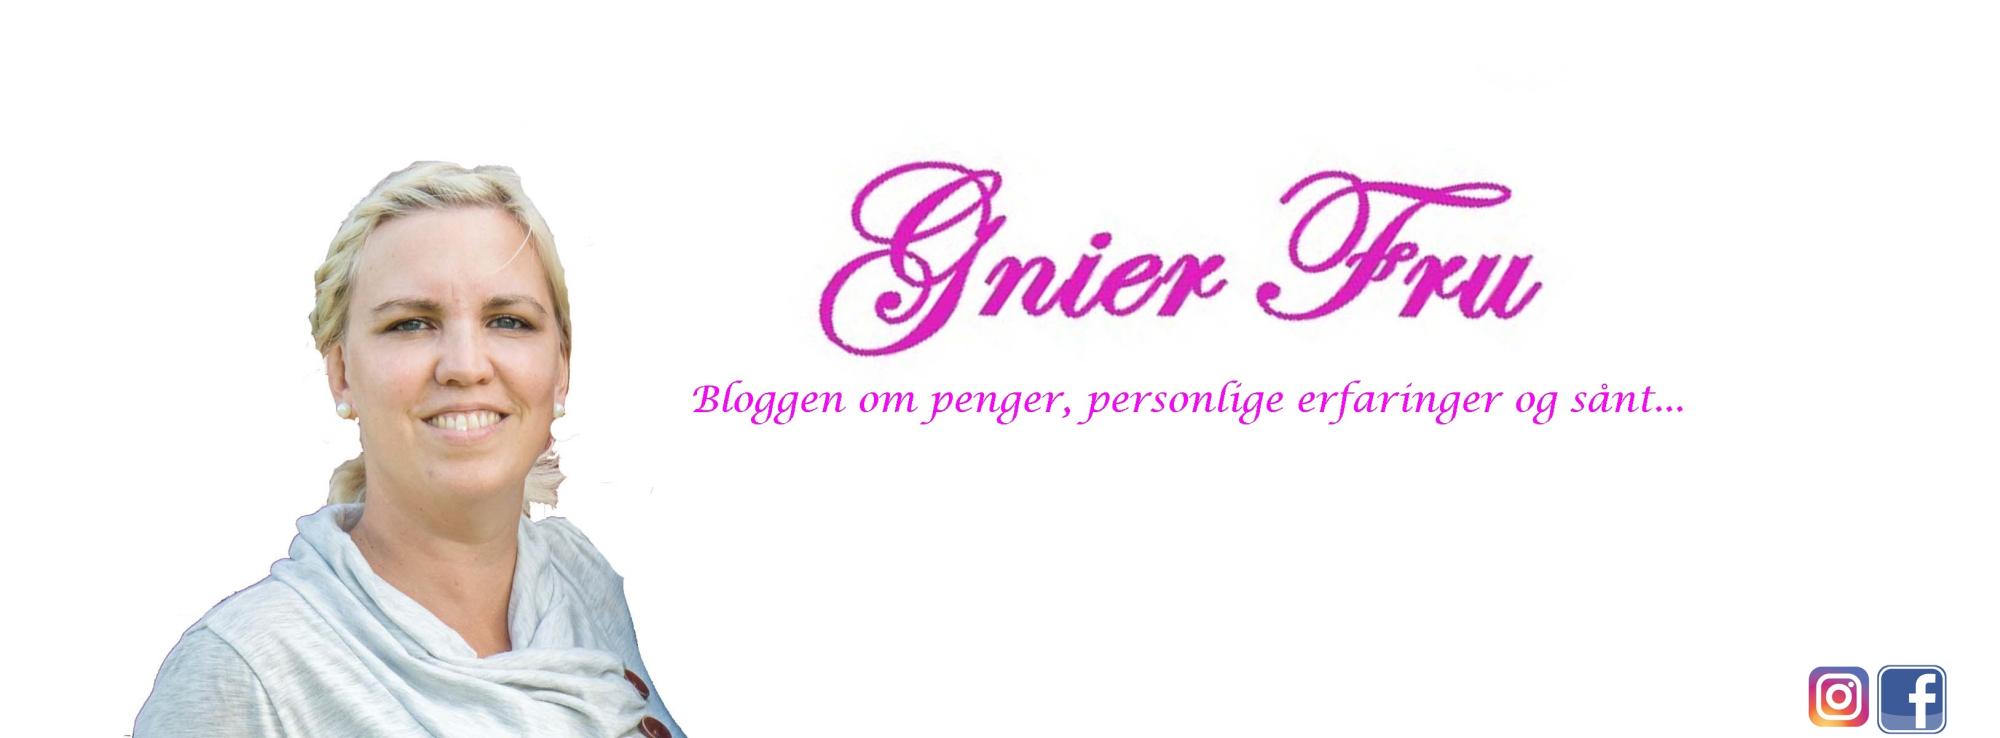 Gnierfru